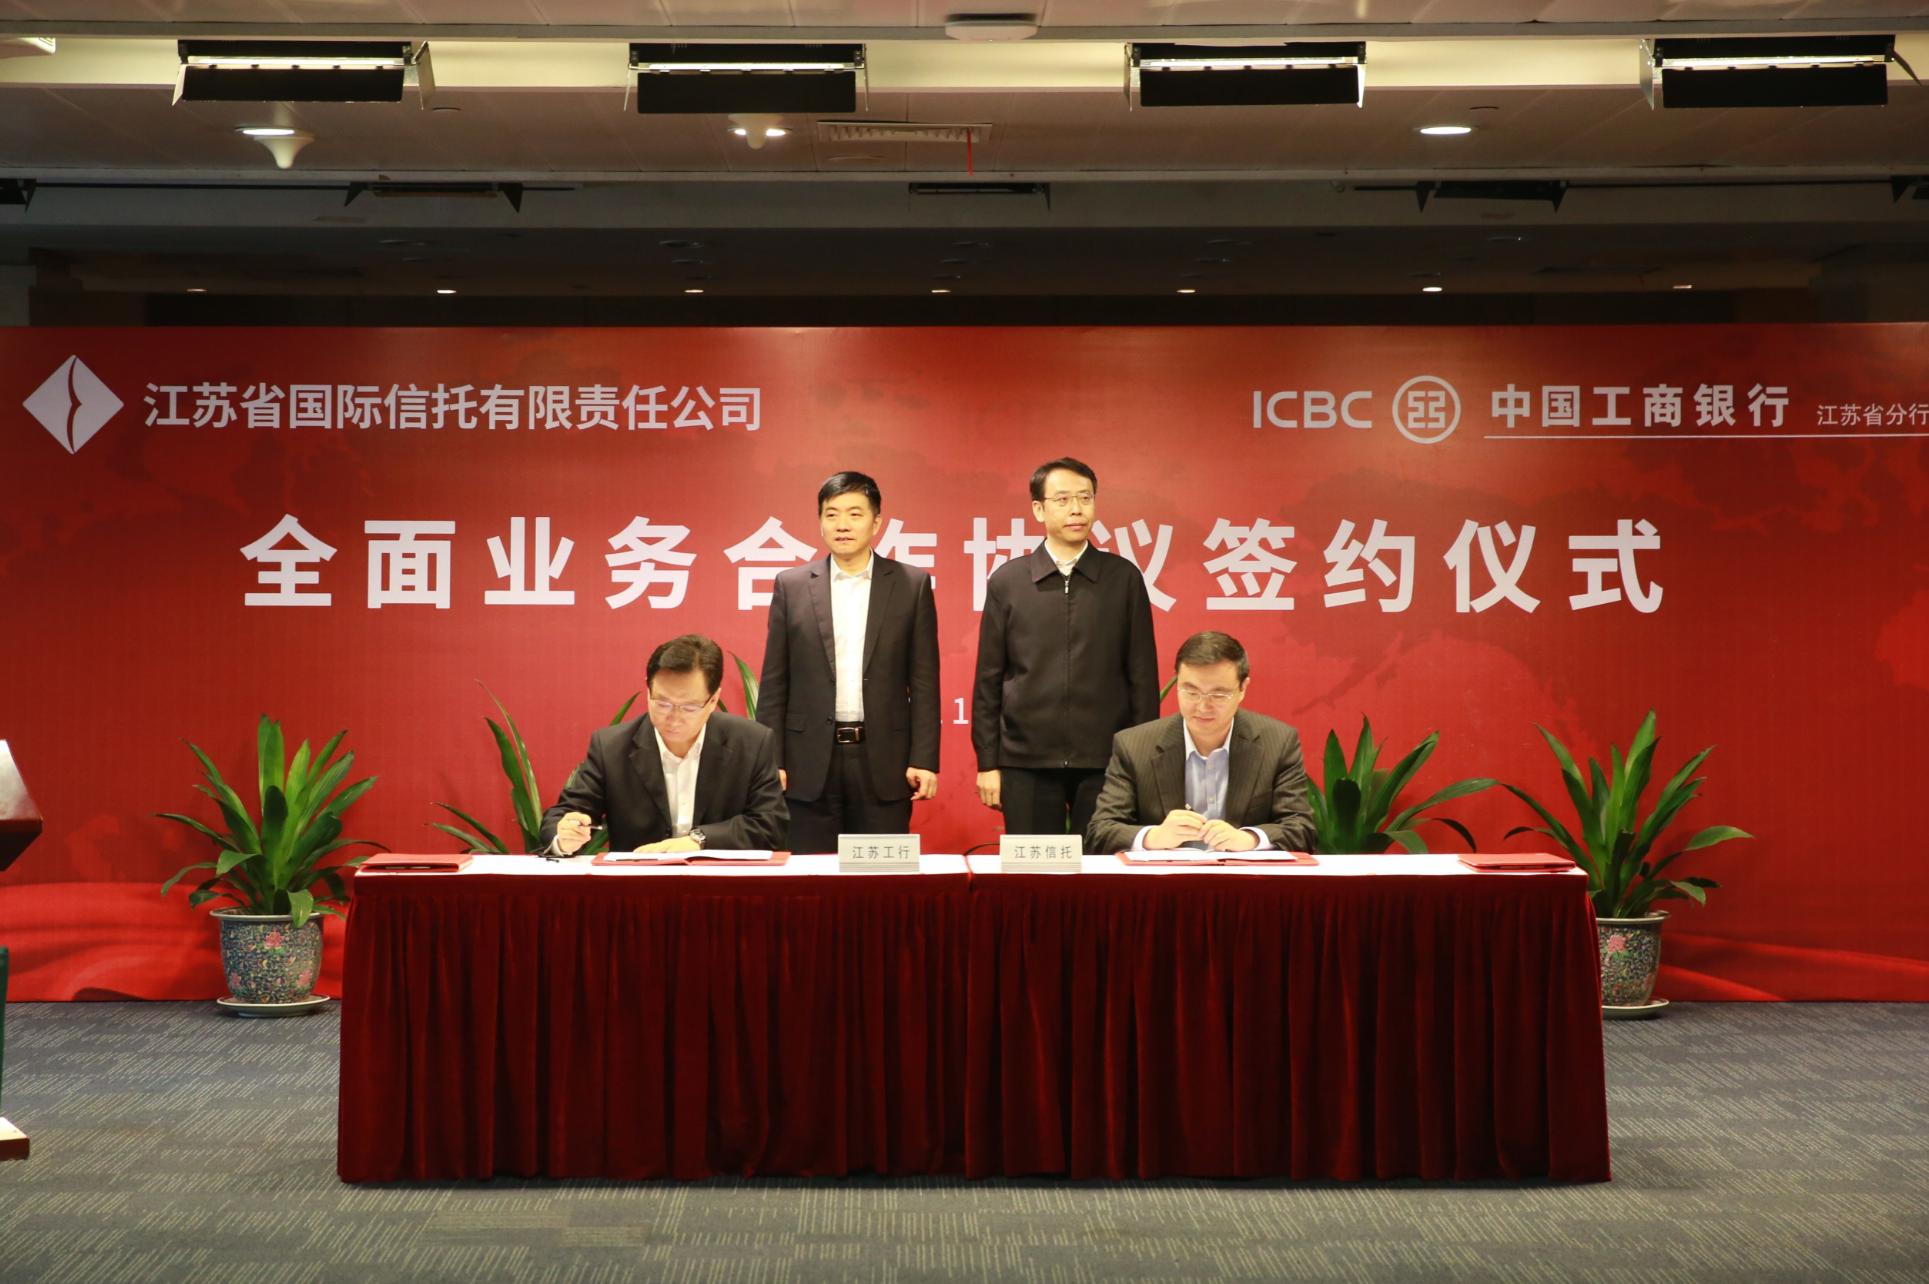 上海巿靠谱的追债公司_上海调查公司哪家靠谱_上海哪家理财公司靠谱